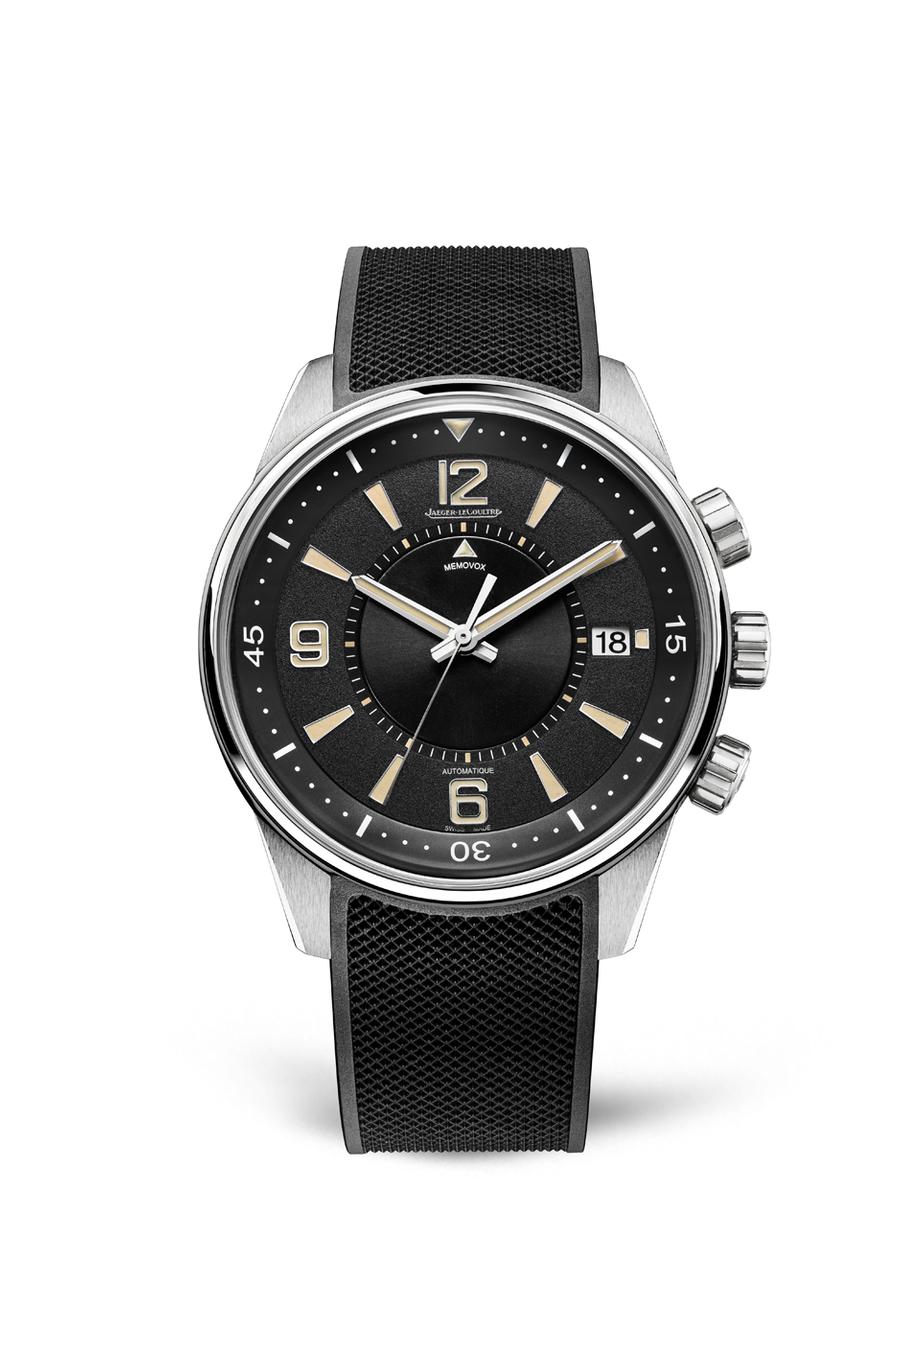 Polaris Memovox en acier, 42 mm de diamètre, mouvement automatique avec fonction réveil, bracelet en caoutchouc. 12 800 €. Jaeger-LeCoultre. Série limitée à 1 000 exemplaires.